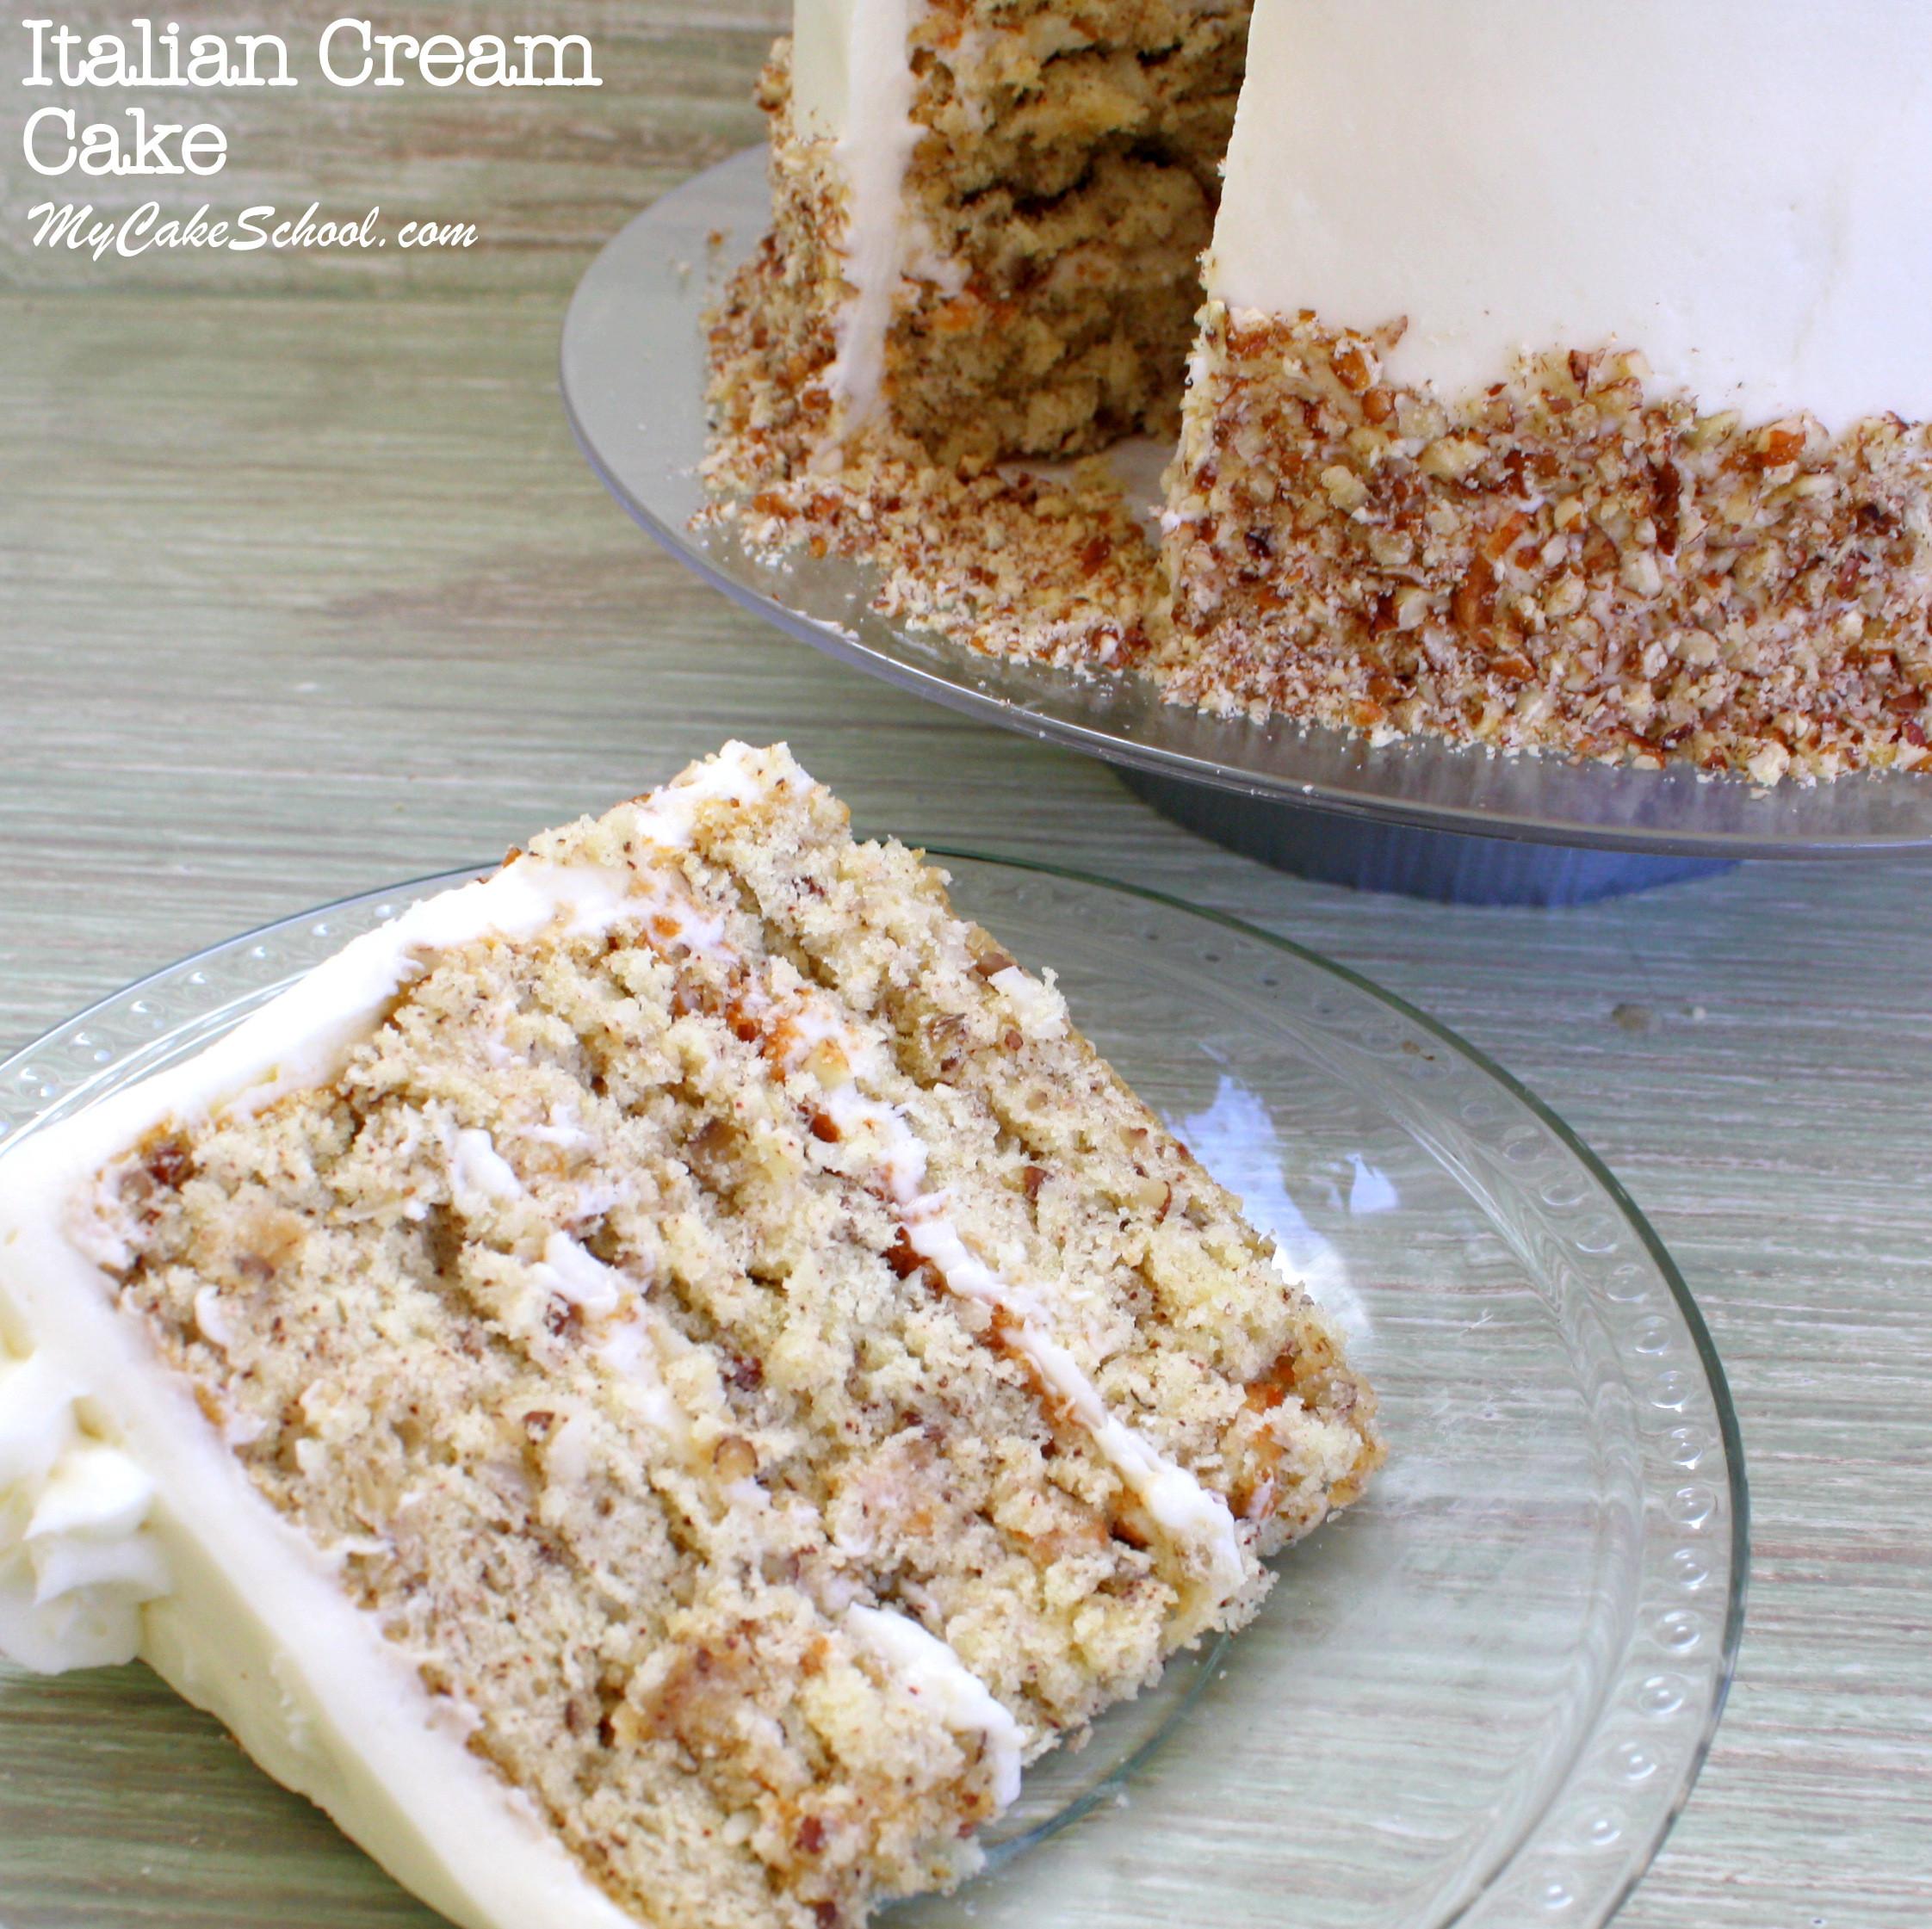 Wedding Cake Recipe From Scratch  Italian Cream Cake Scratch Recipe